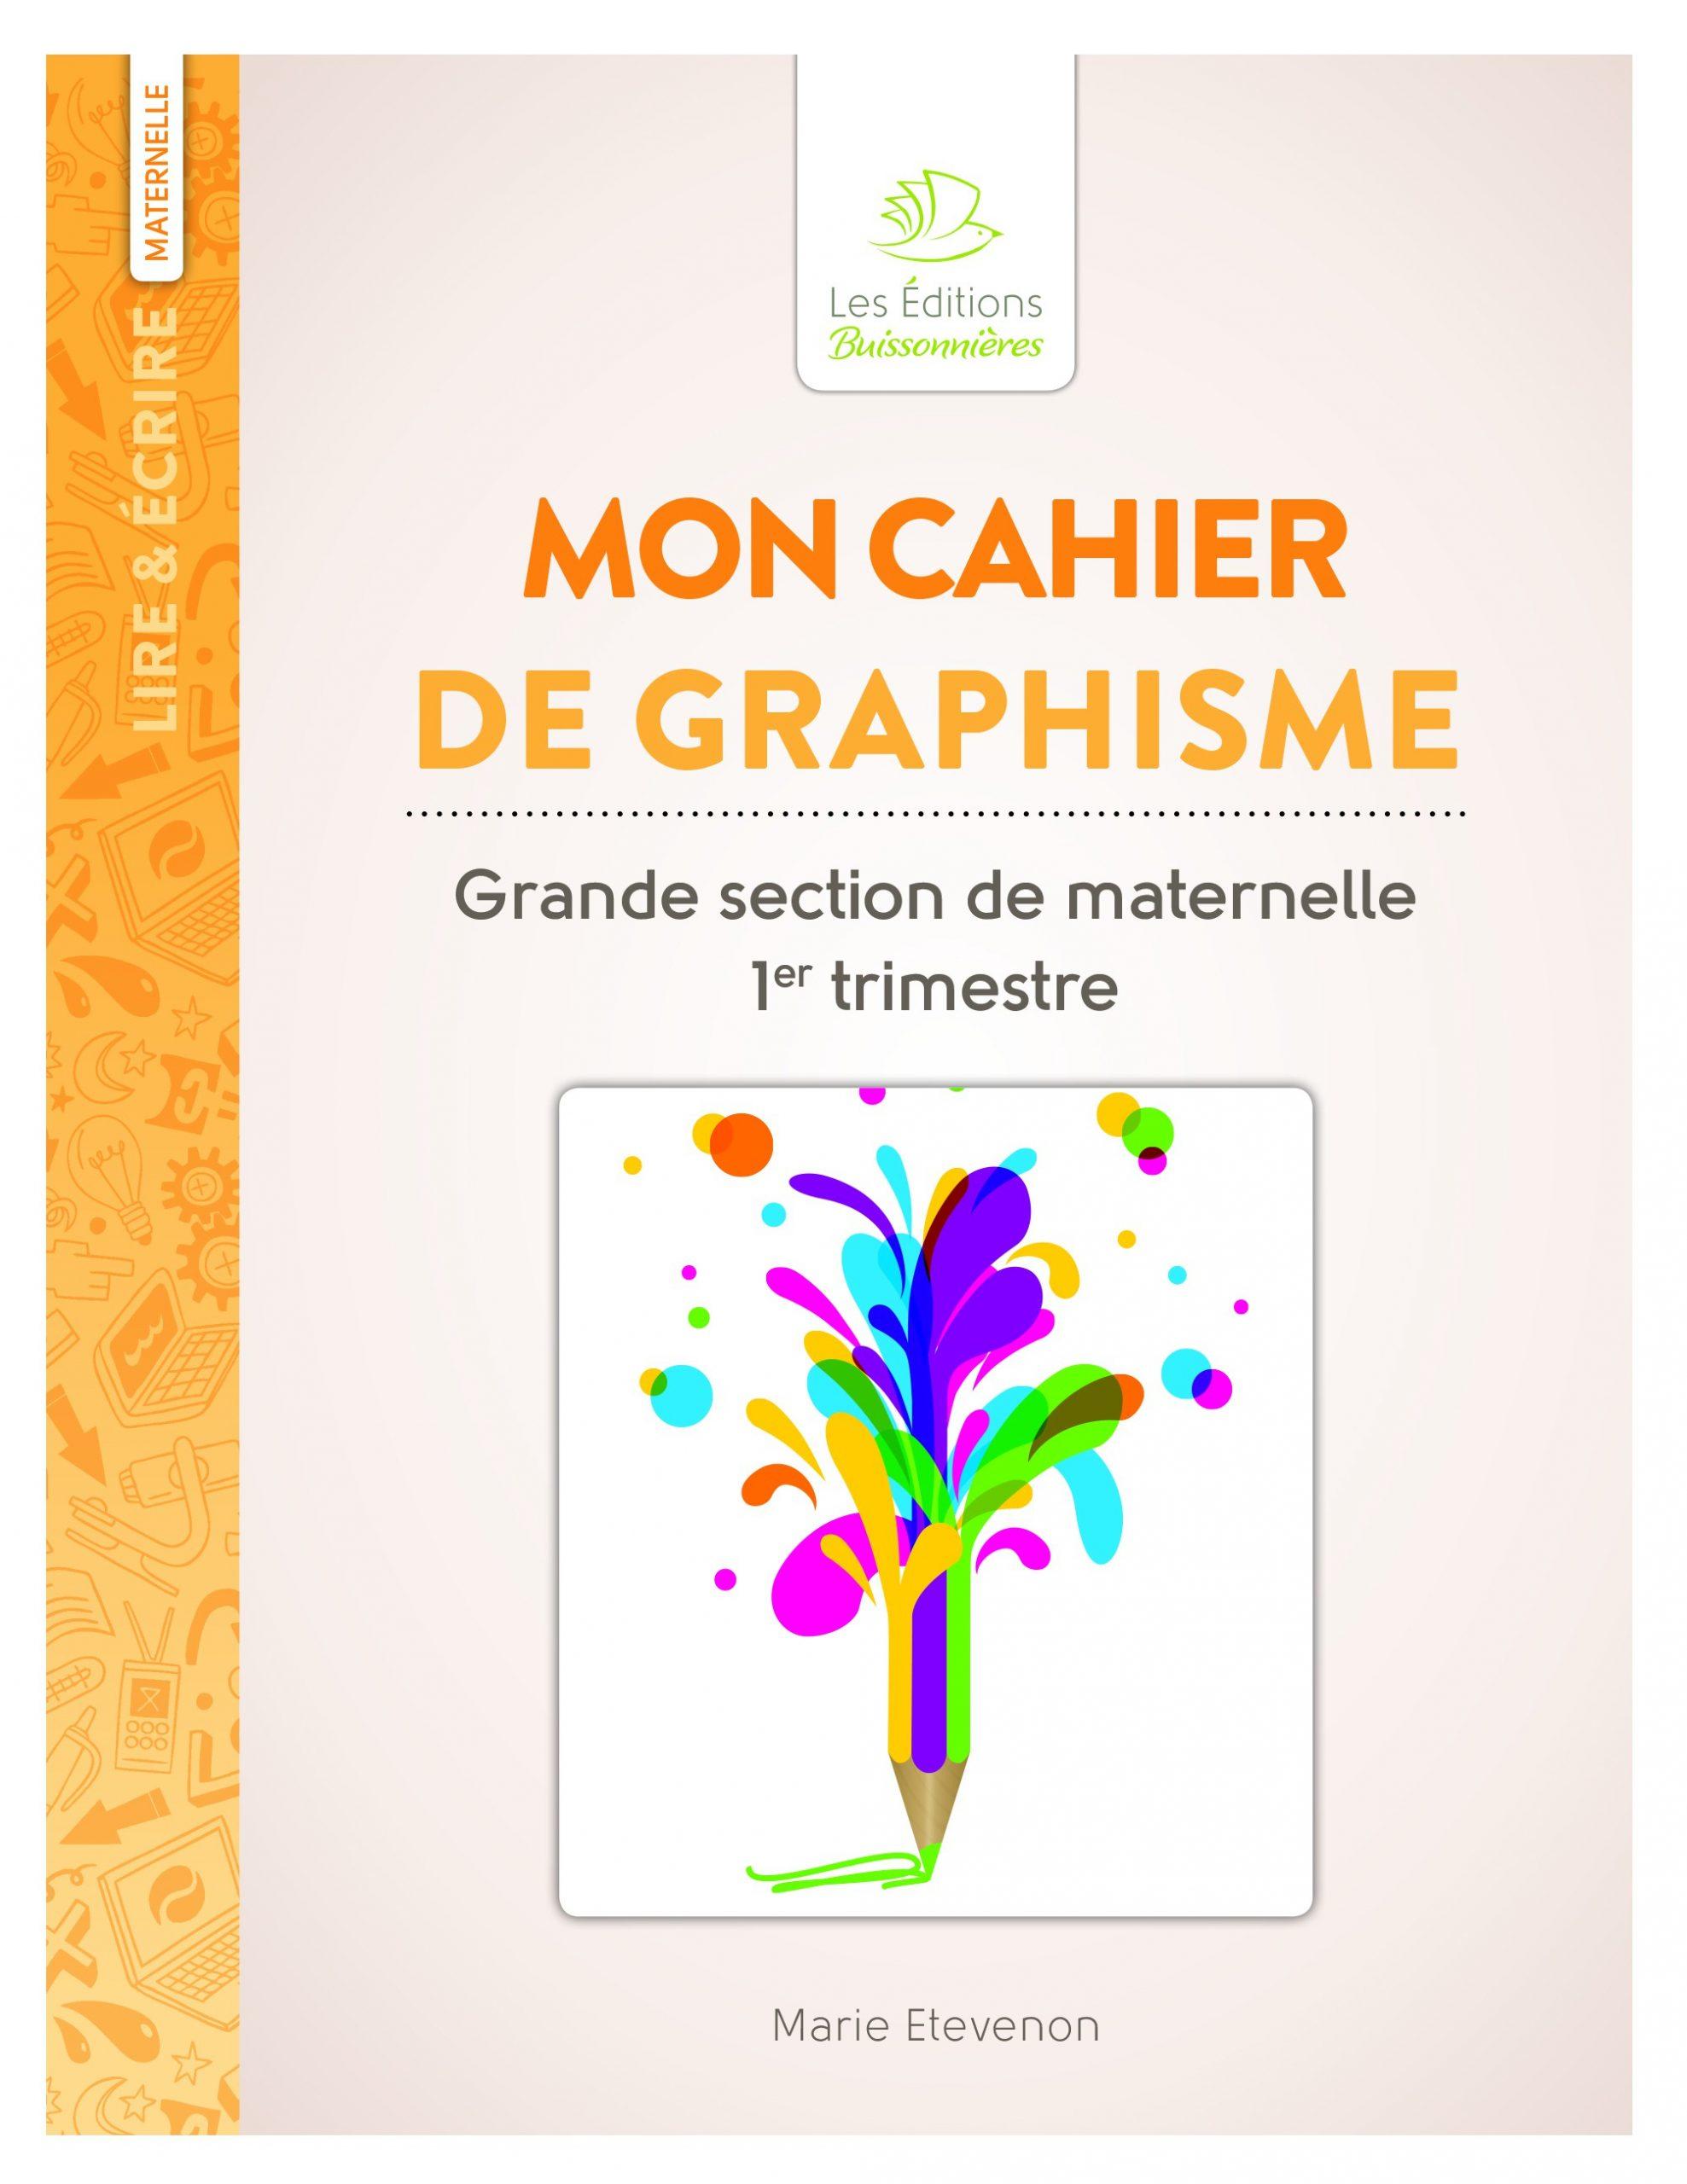 Jeux D'écriture - Scop Les Editions Buissonnieres, Livres encequiconcerne Jeux Maternelle Grande Section